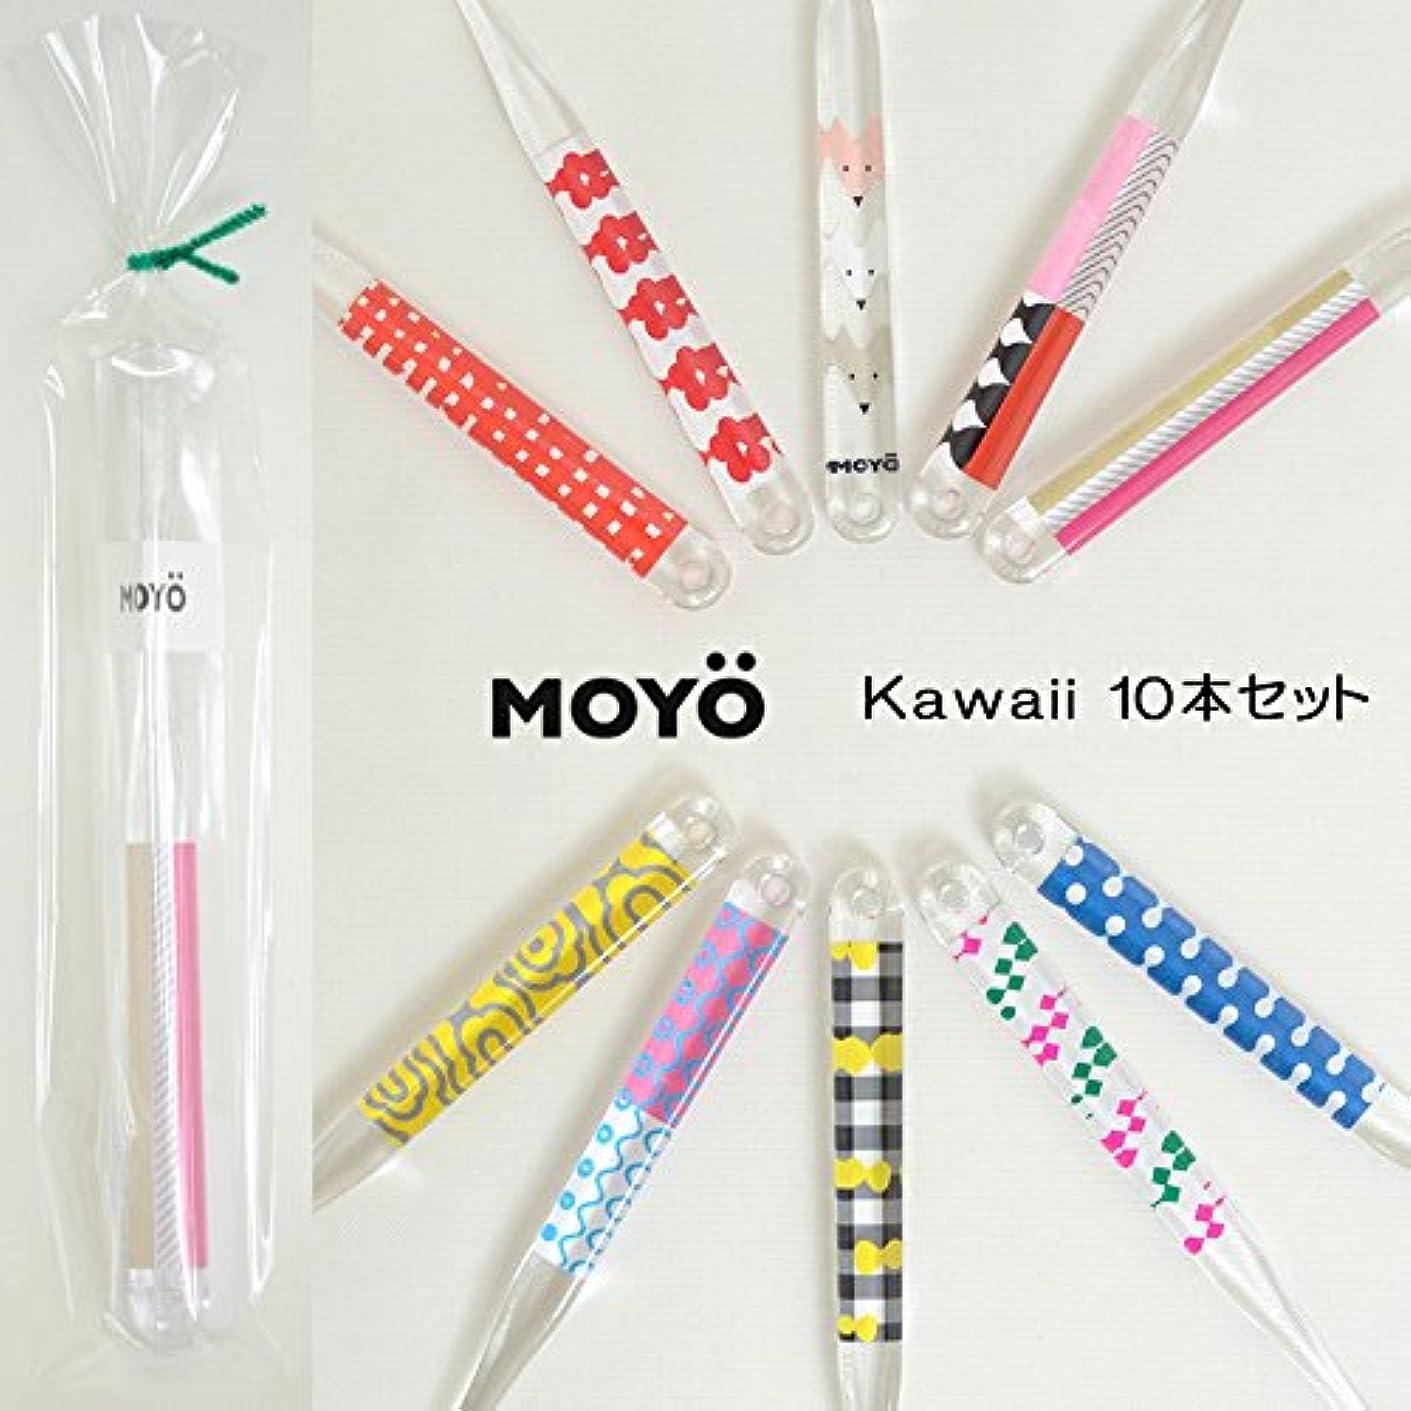 写真の勝利委任MOYO モヨウ kawaii10本 プチ ギフト セット_562302-kawaii2 【F】,kawaii10本セット